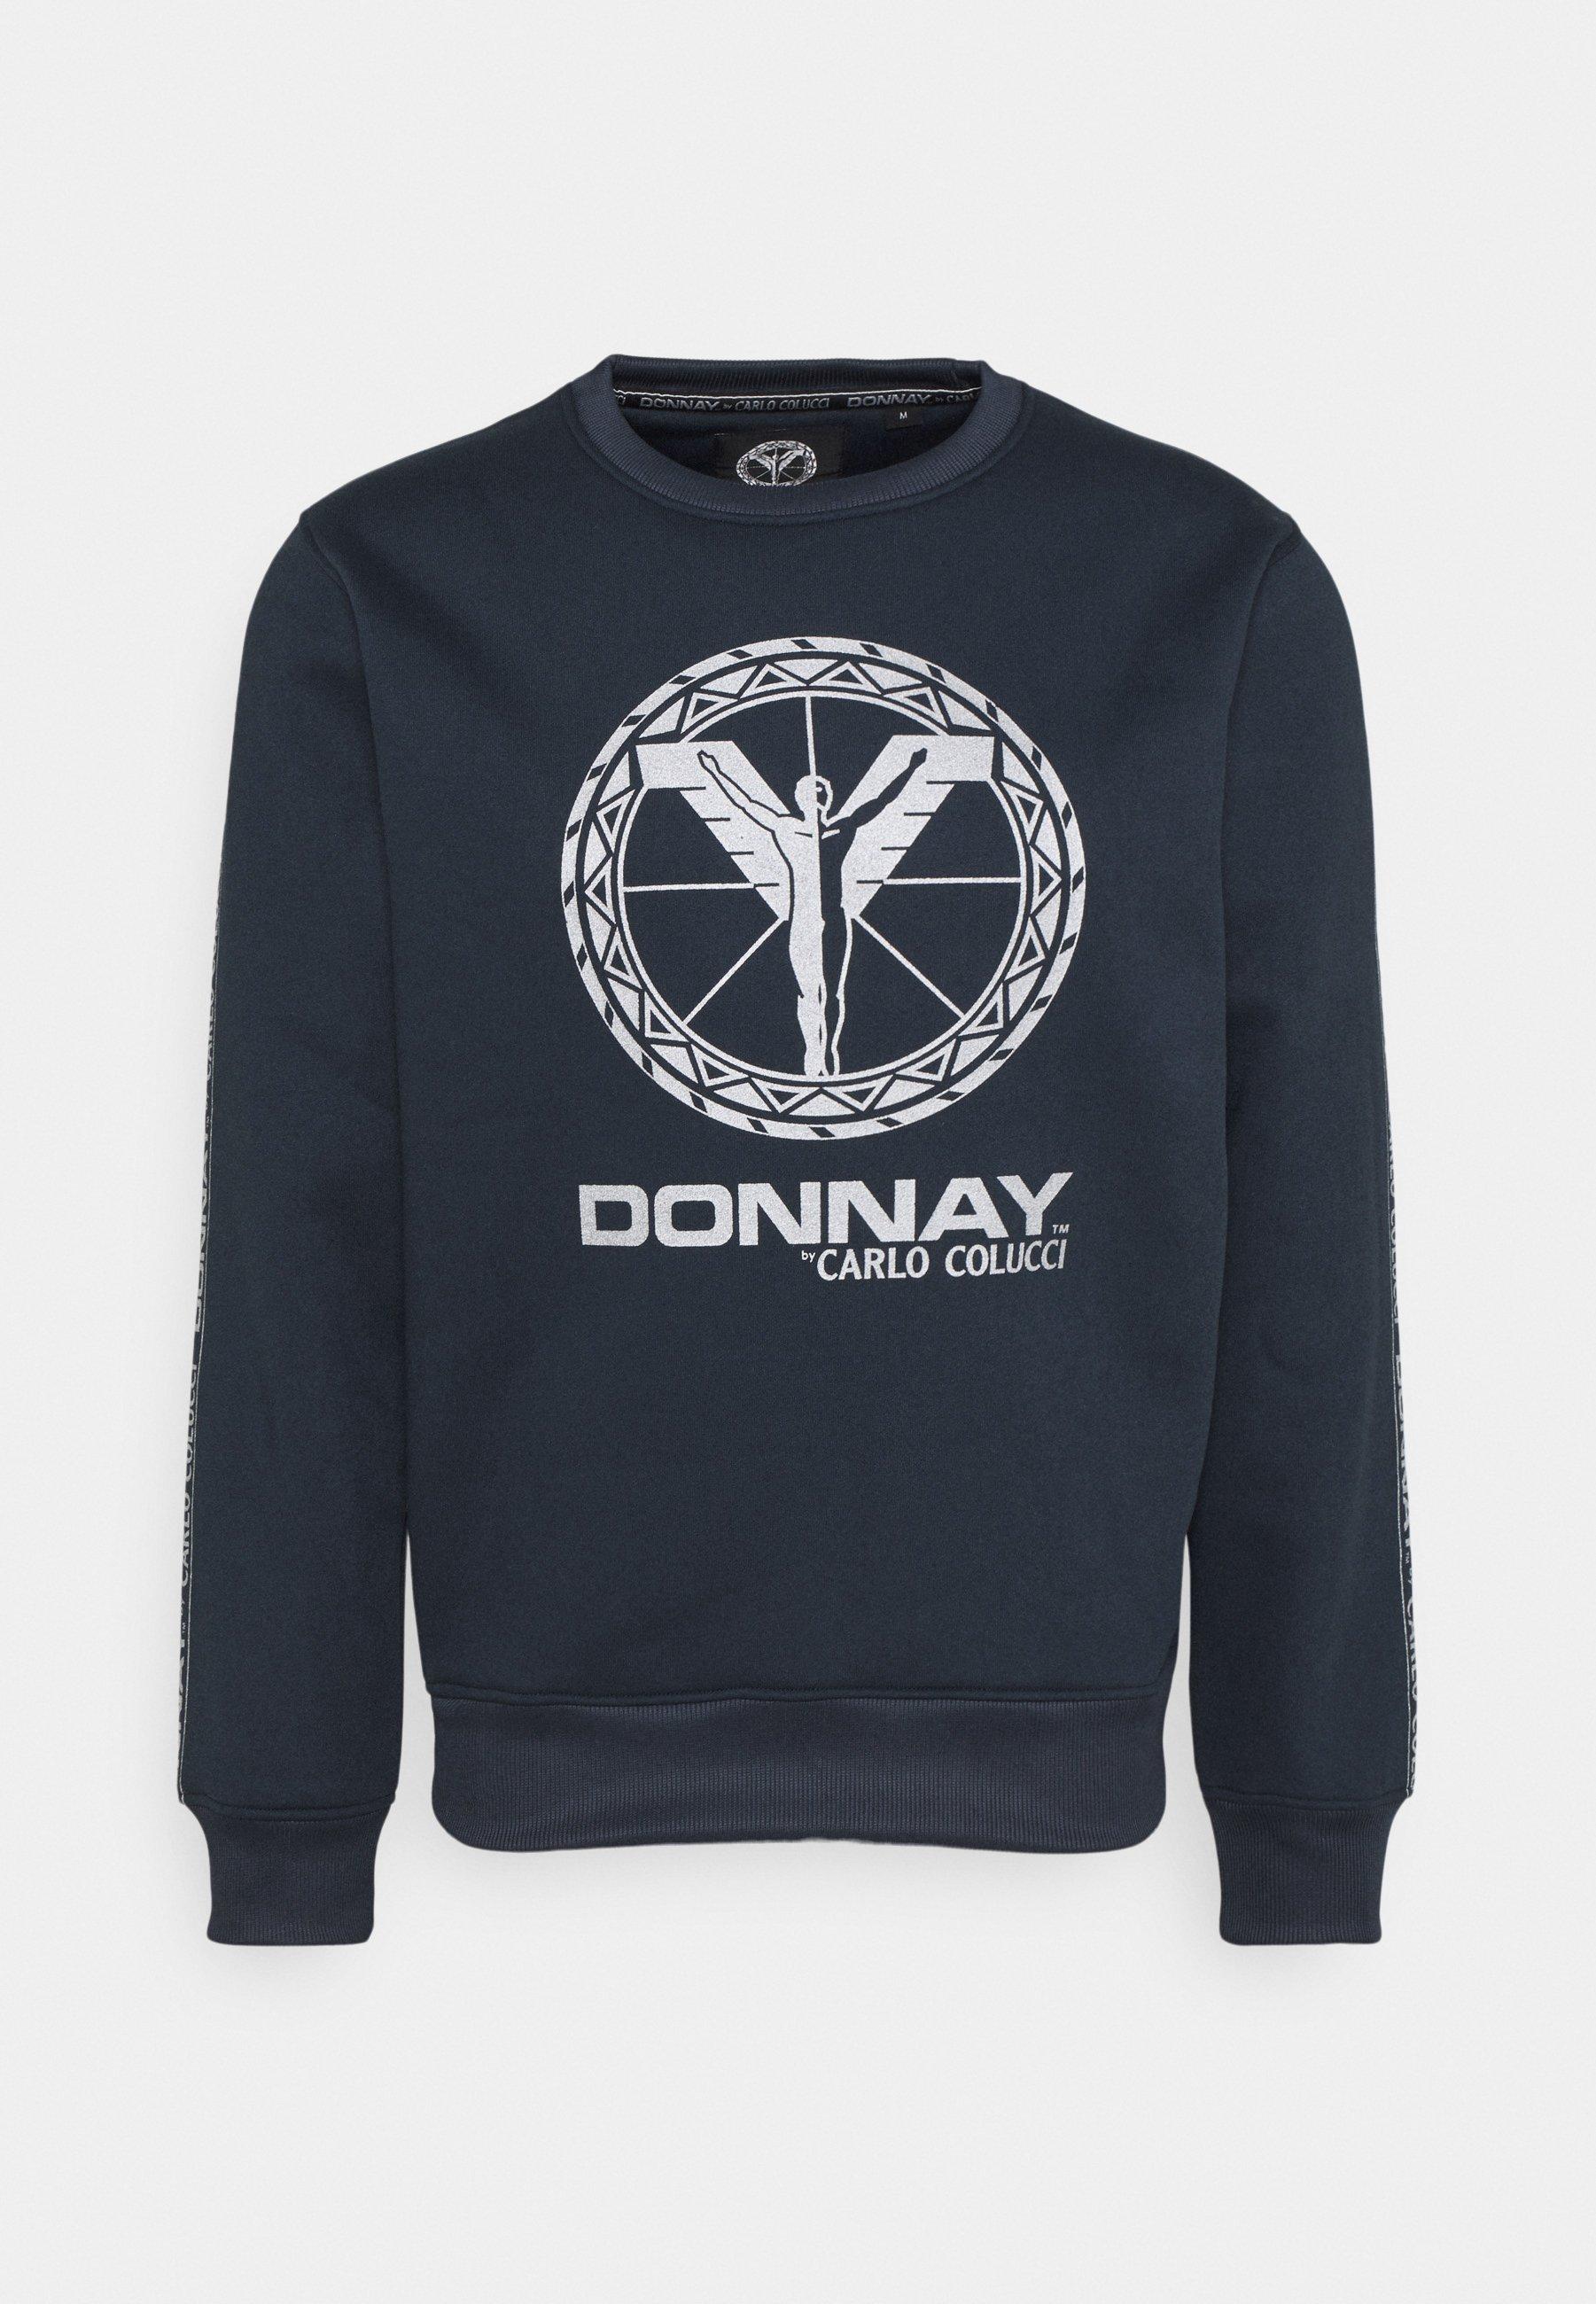 Men DONNAY X CARLO COLUCCI - Sweatshirt